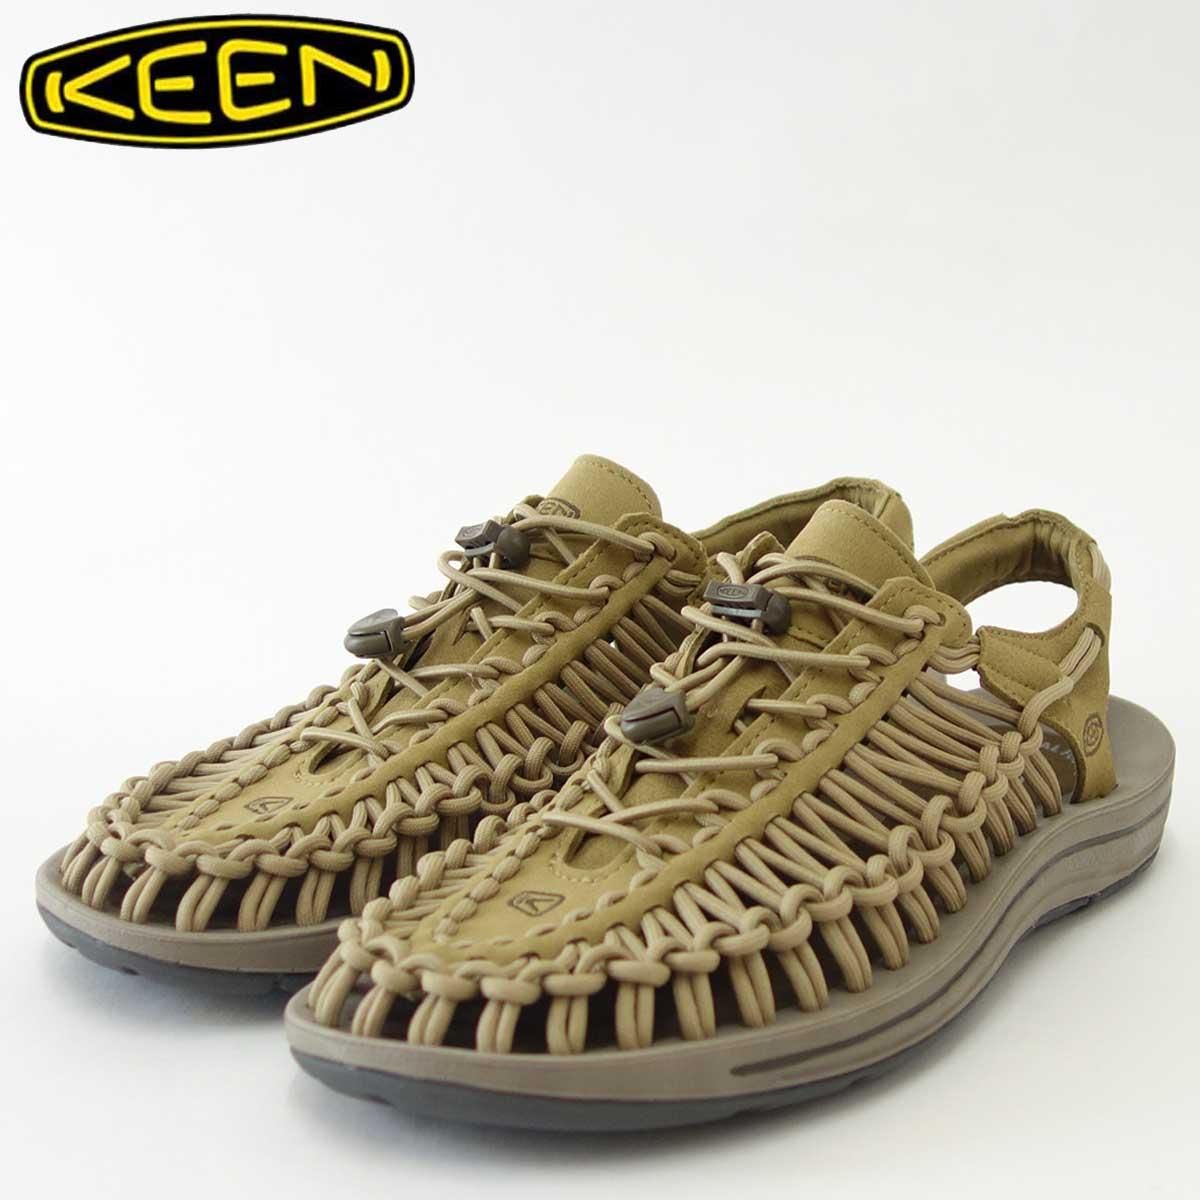 KEEN キーン UNEEK(ユニーク) 1018673(メンズ)キーン独自のハイブリッドサンダル カラー:Antique Bronze/Canteen「靴」